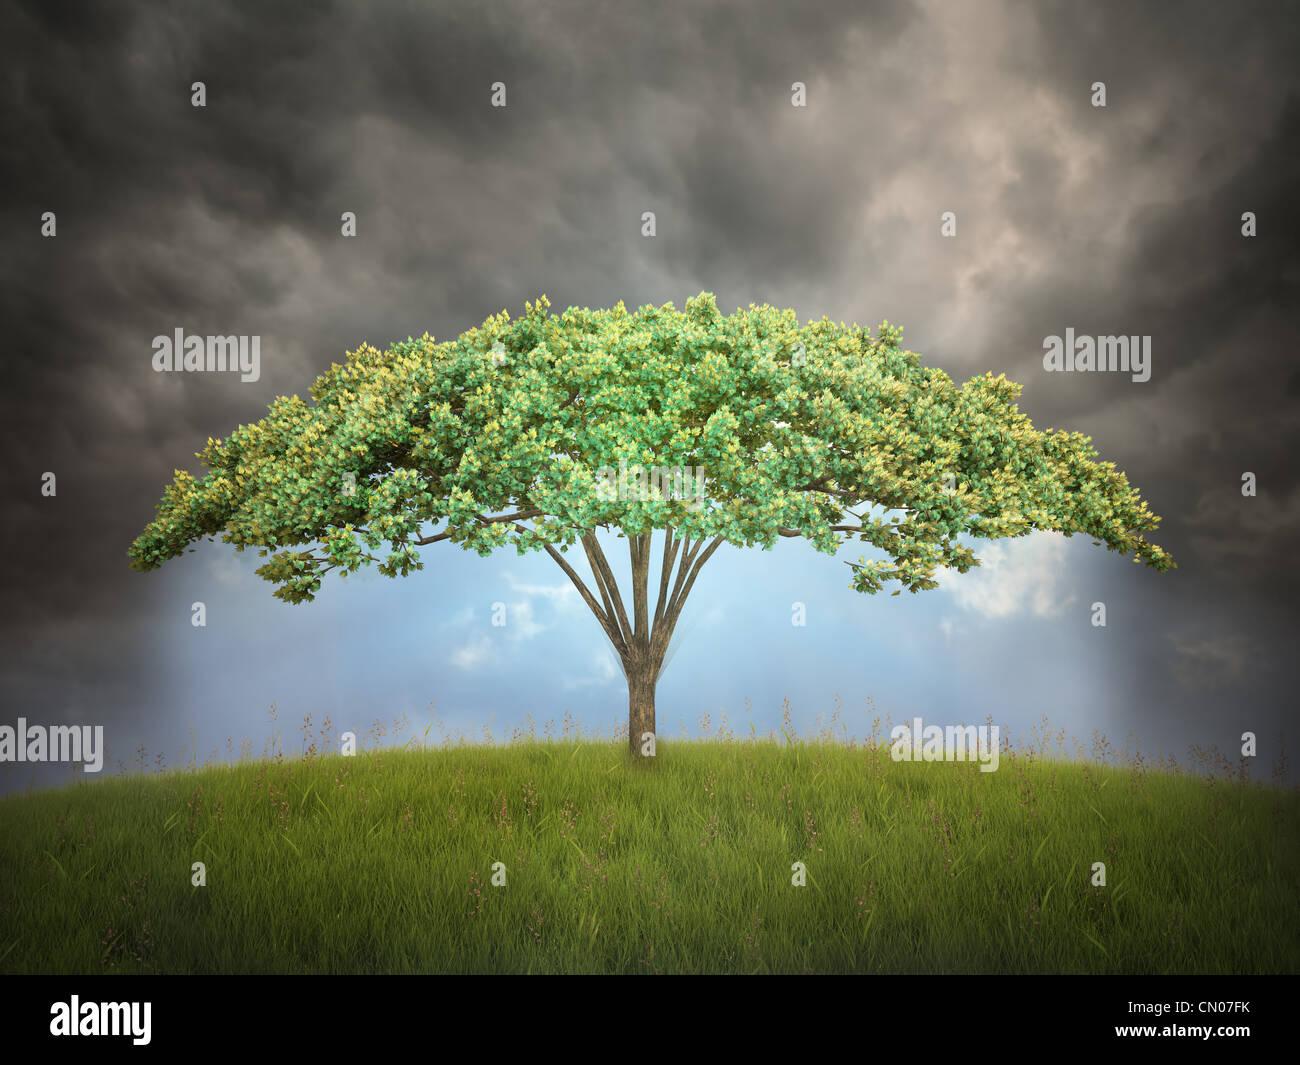 Árbol con forma de paraguas - Concepto de protección del medio ambiente Imagen De Stock